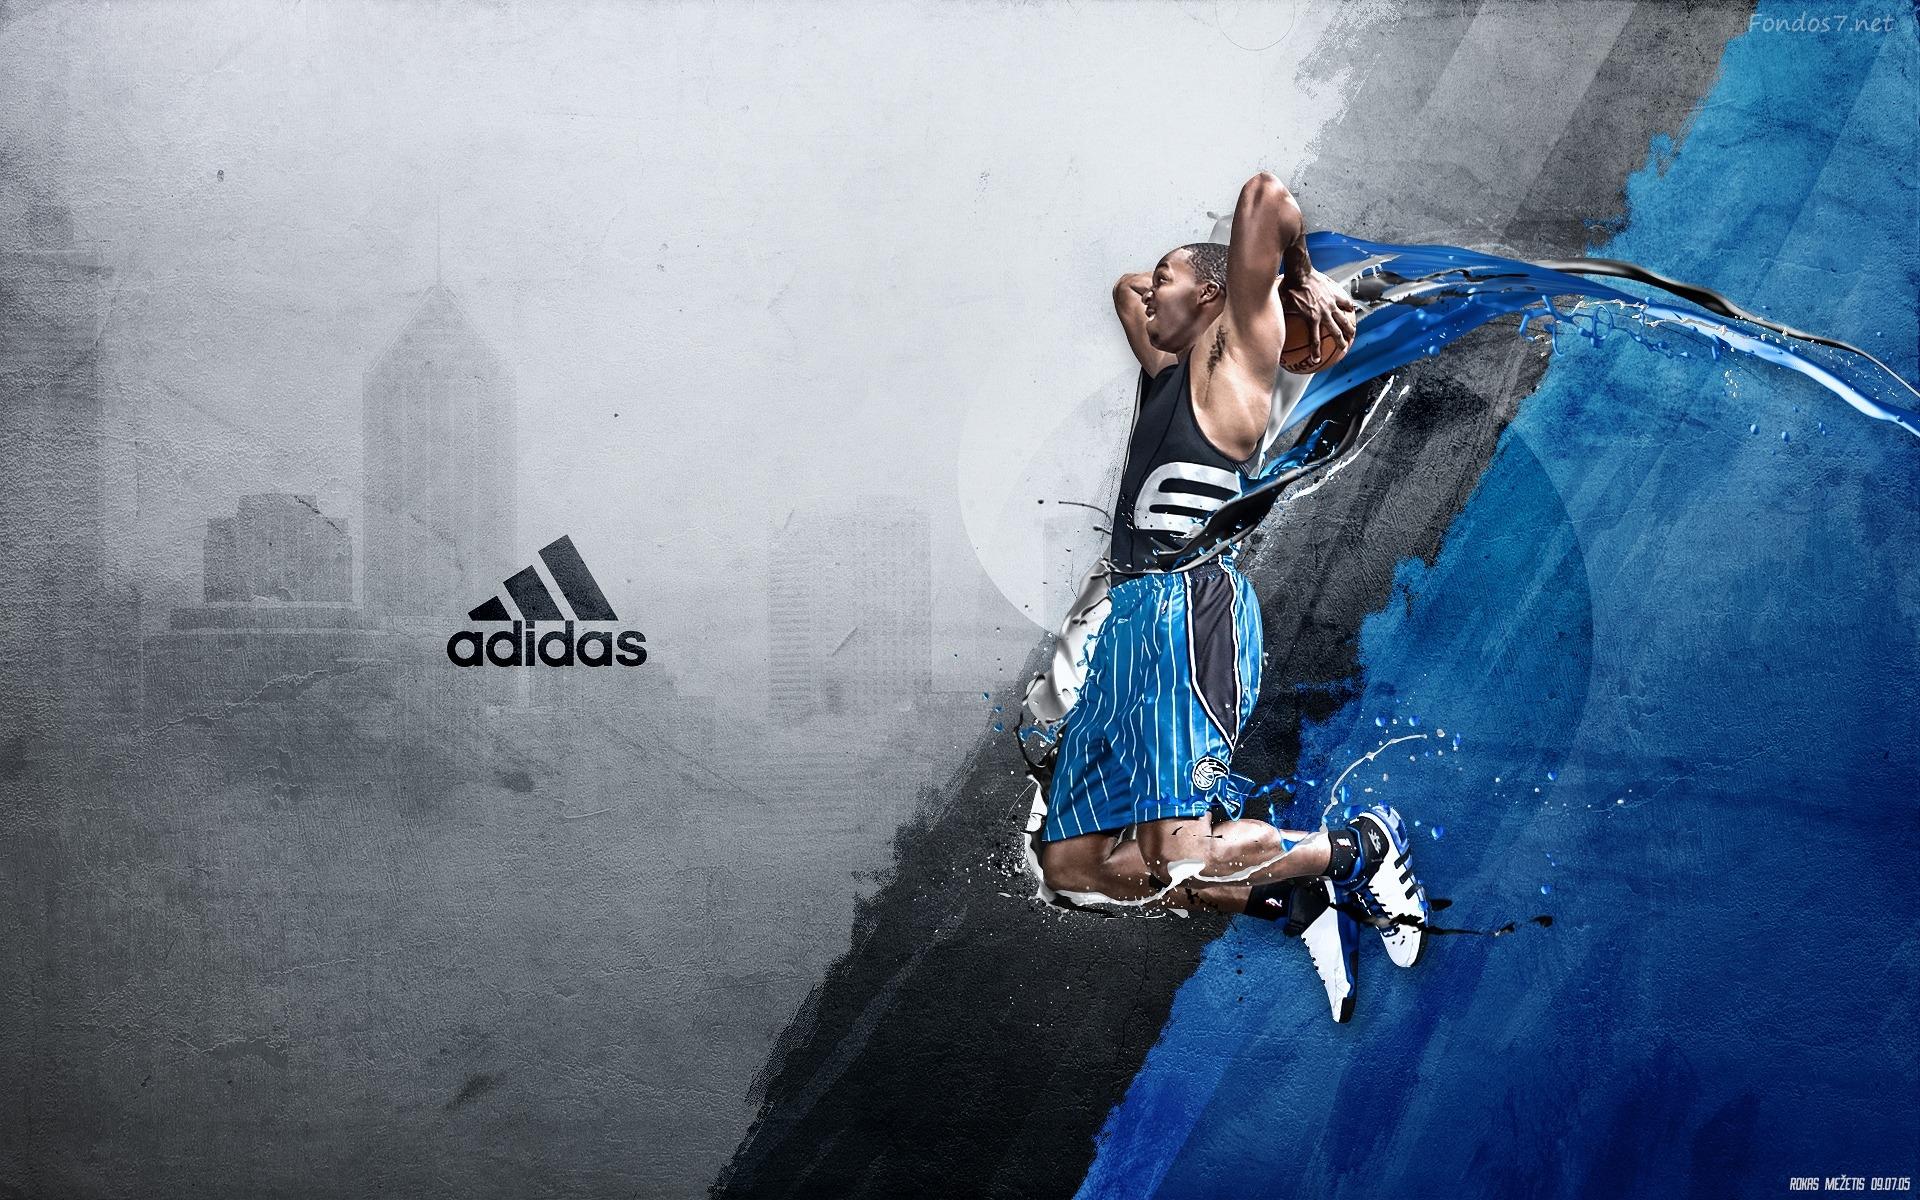 Adidas Logo Wallpaper 3d Hd Best Hd Wallpaper